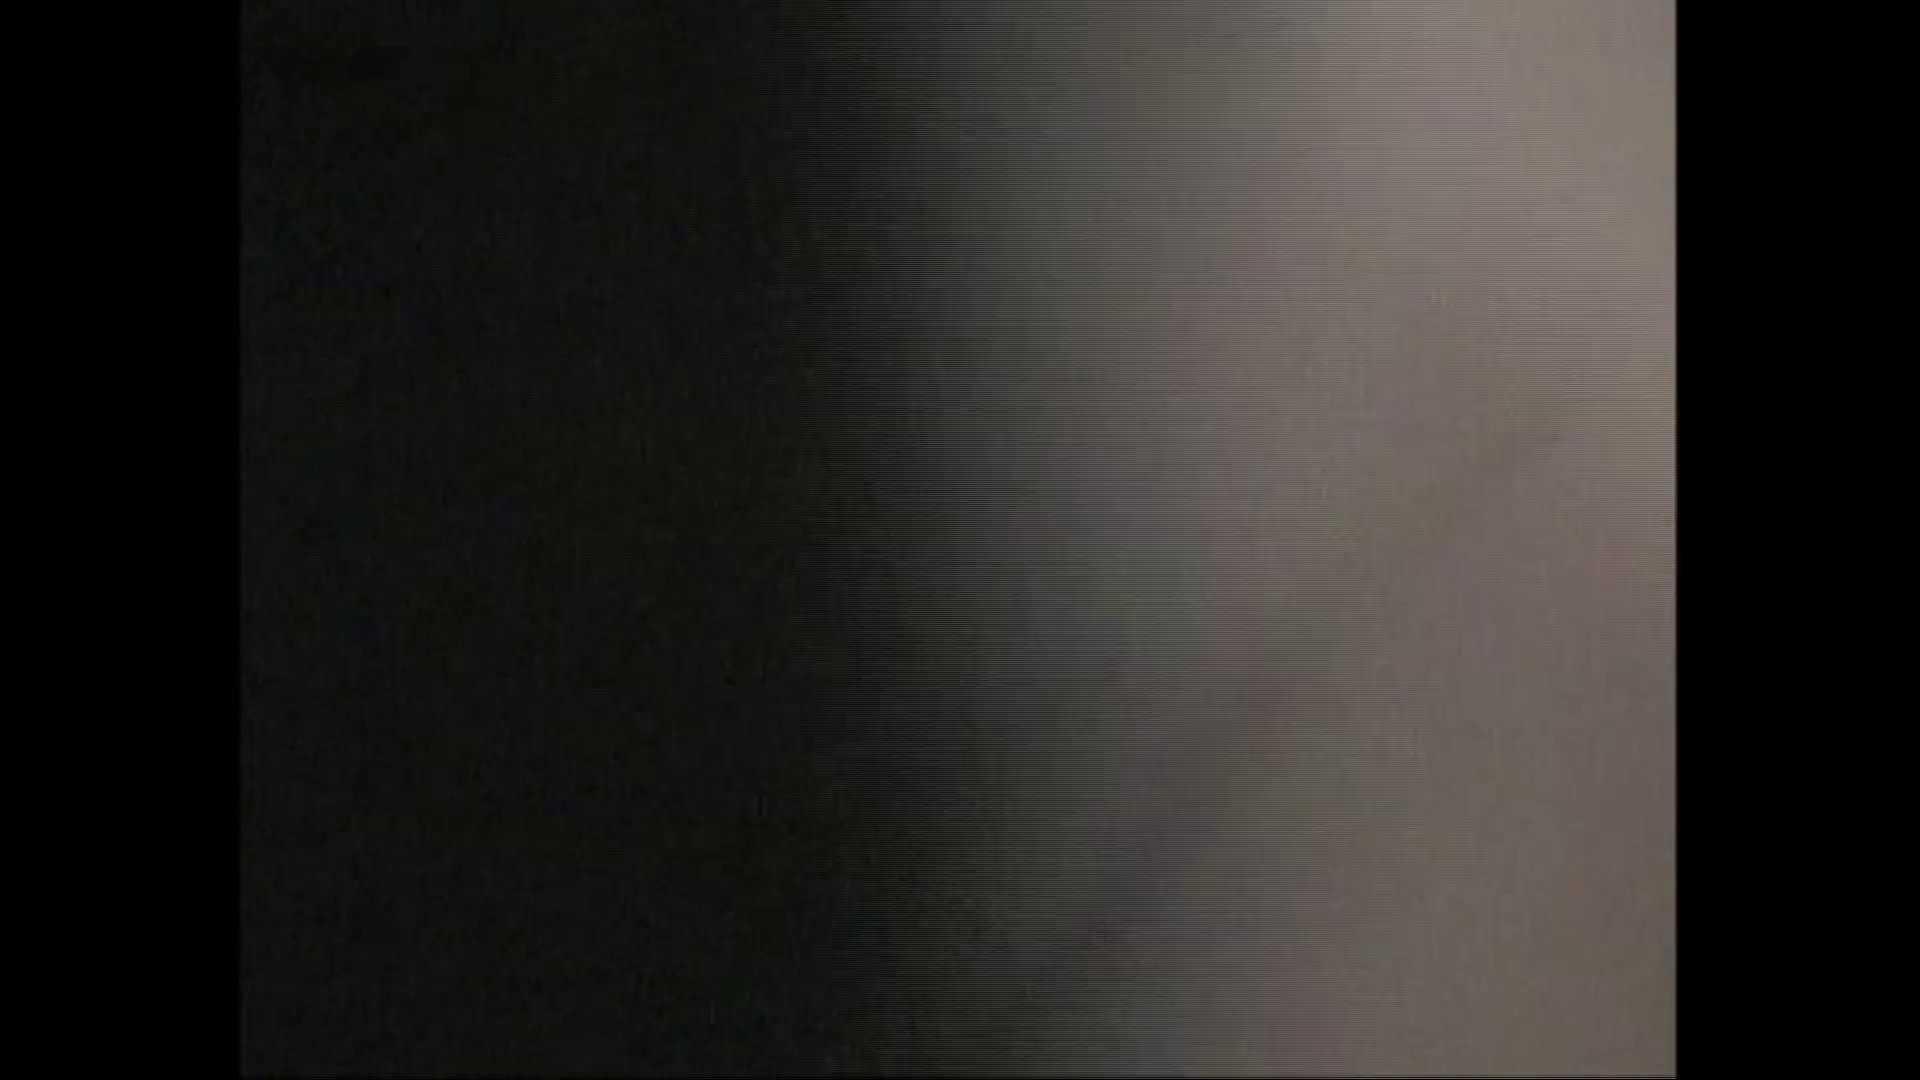 隙間からノゾク風呂 Vol.28 色白のロングヘアー美人がワシャワシャと。 美人  104pic 39